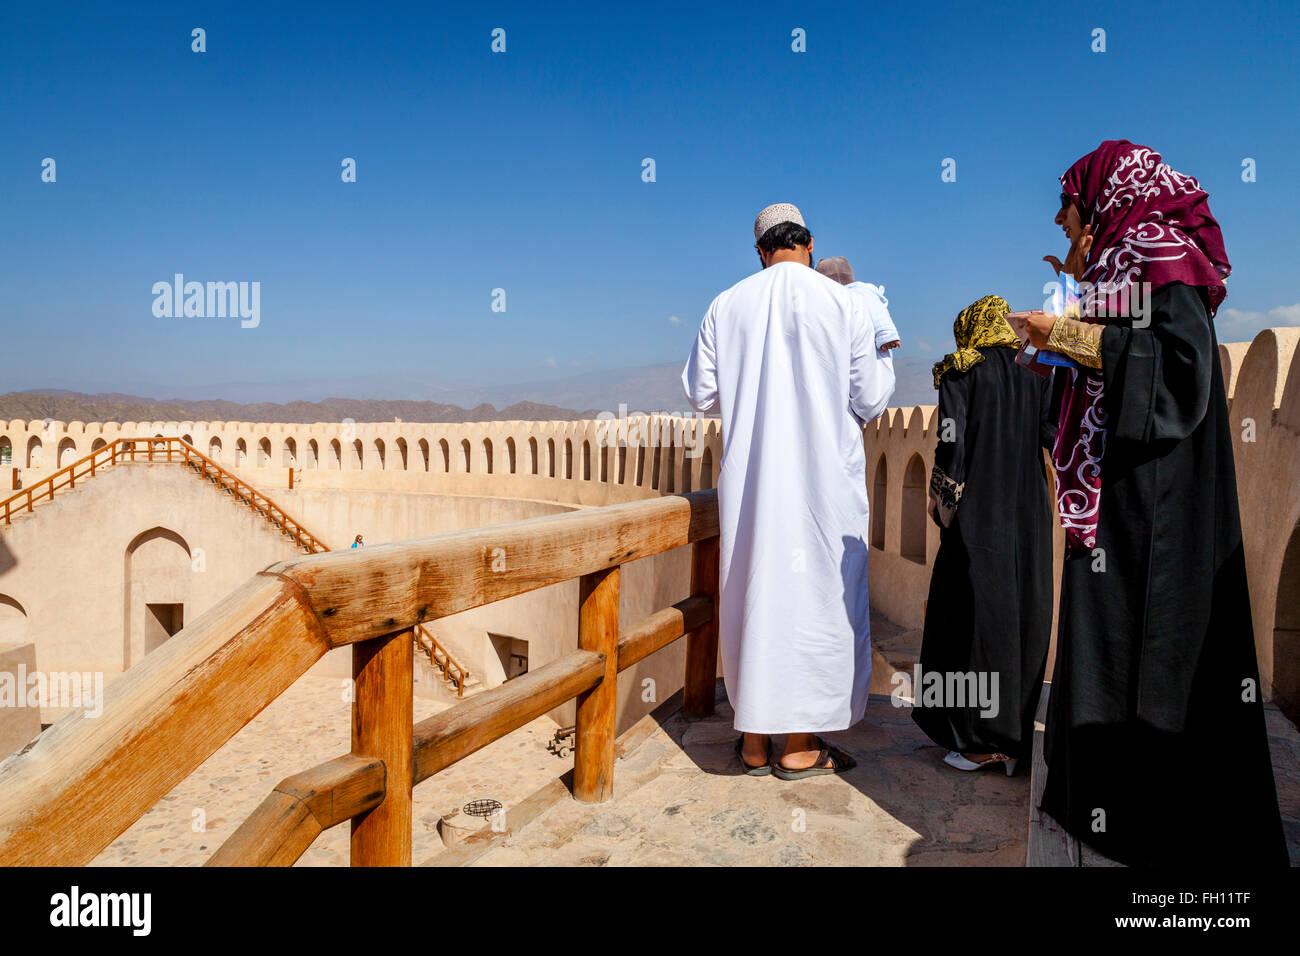 Los turistas en el Omán Nizwa Nizwa, Fort, Ad Dakhiliyah Región, Omán Imagen De Stock